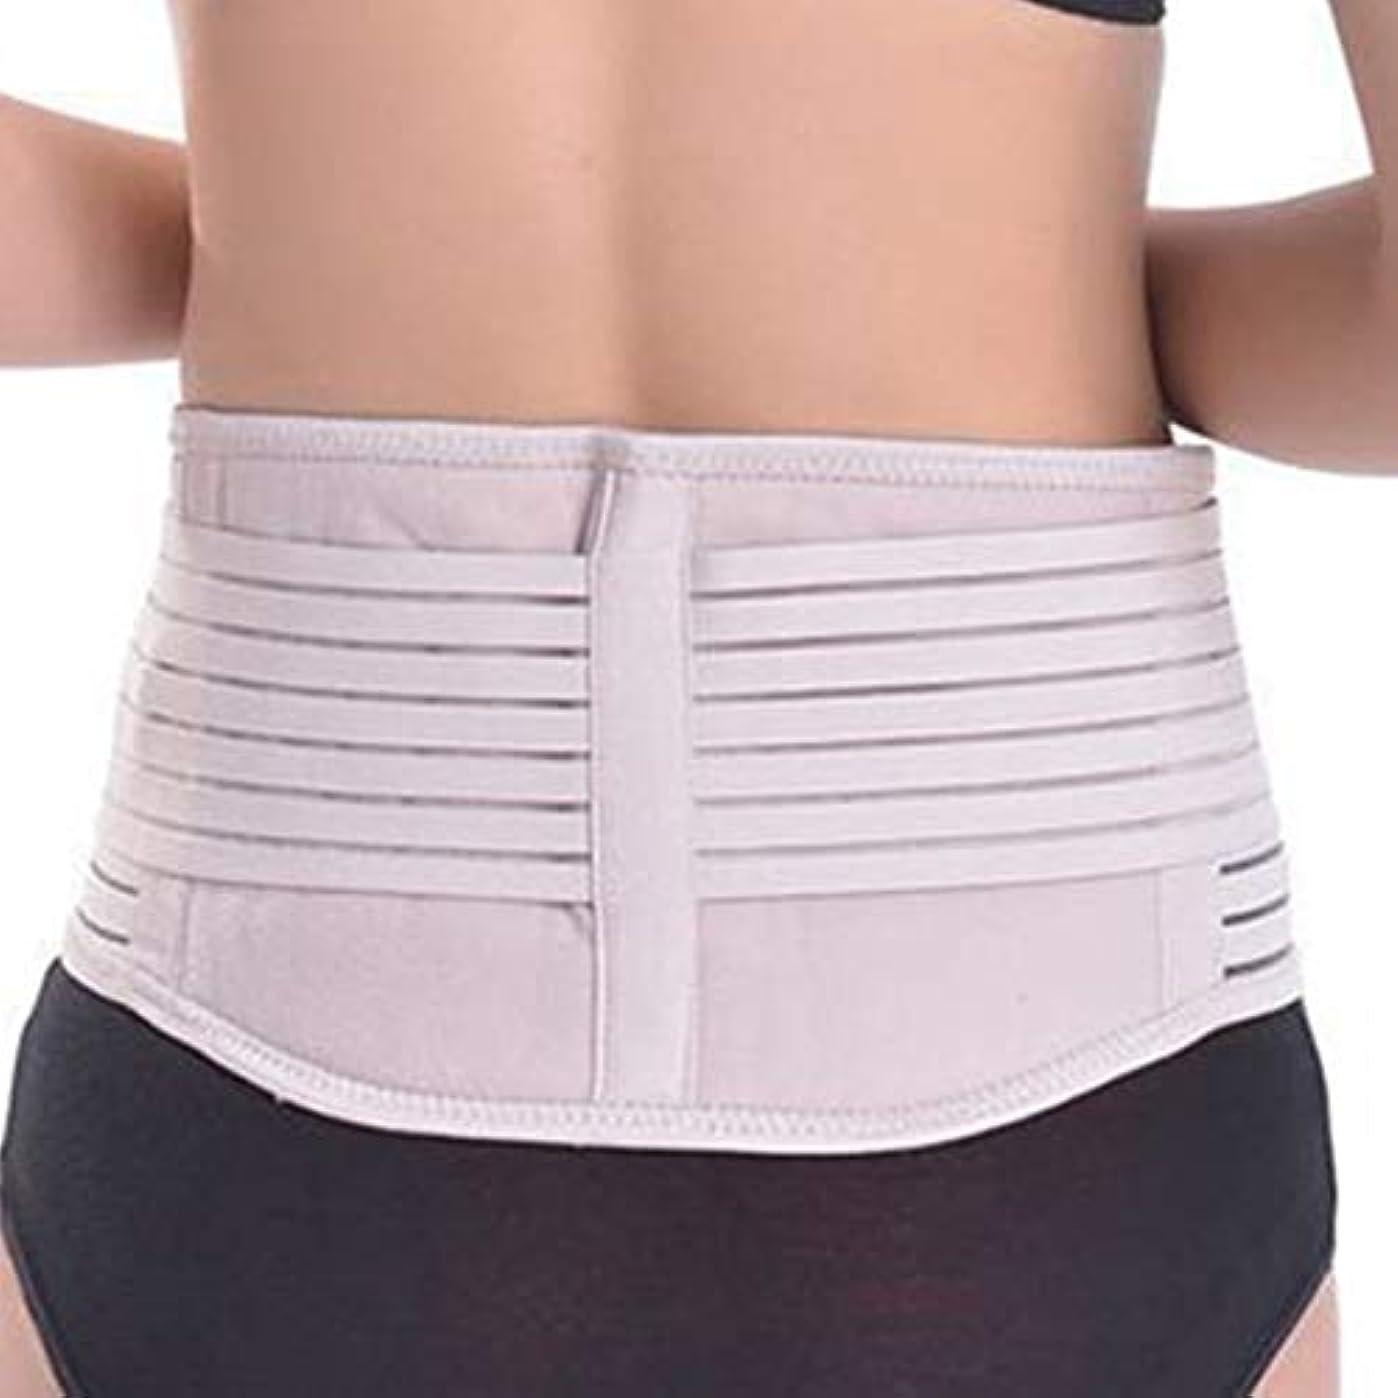 バックグラウンド南方のご飯ダブルプルランバー調節可能なサポート腰ベルトブレース痛みリリーフスポーツ保護磁気